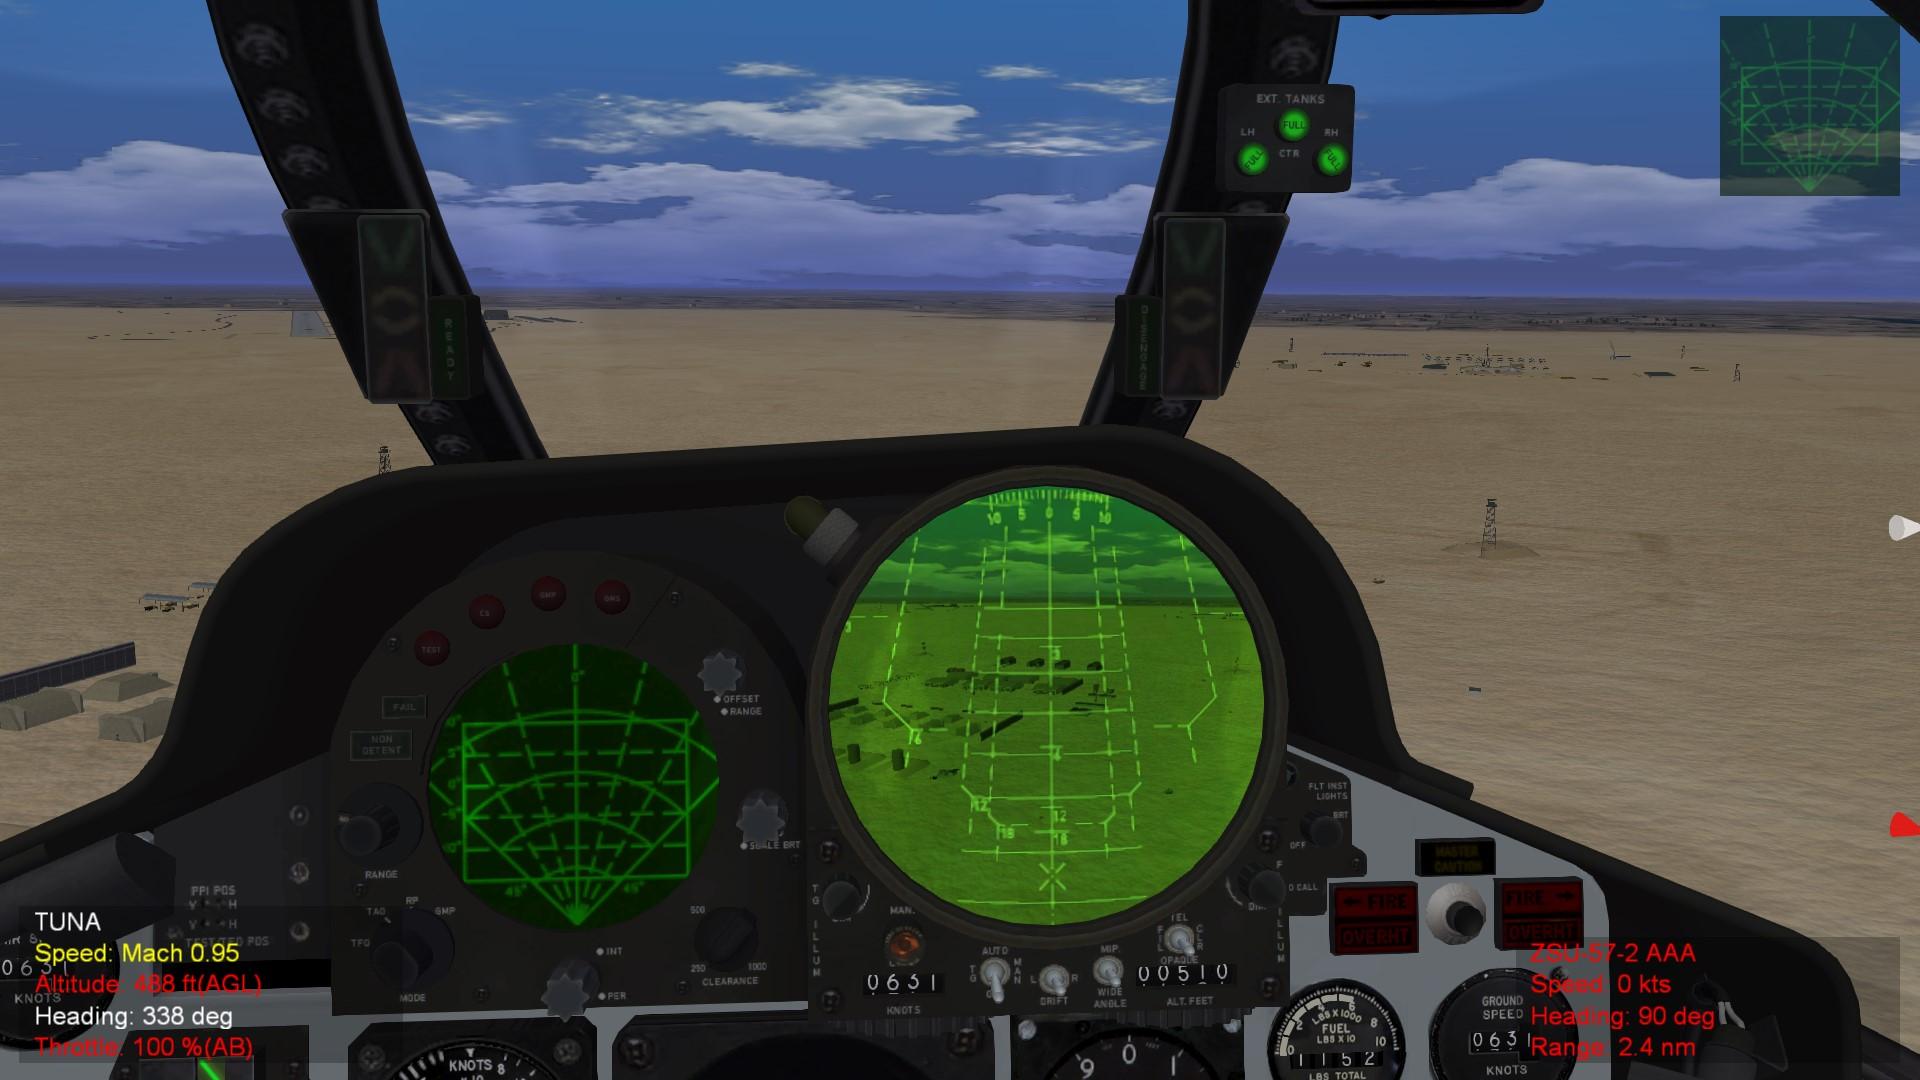 Iran-Iraq War Terrain/Campaign - Thirdwire: Strike Fighters